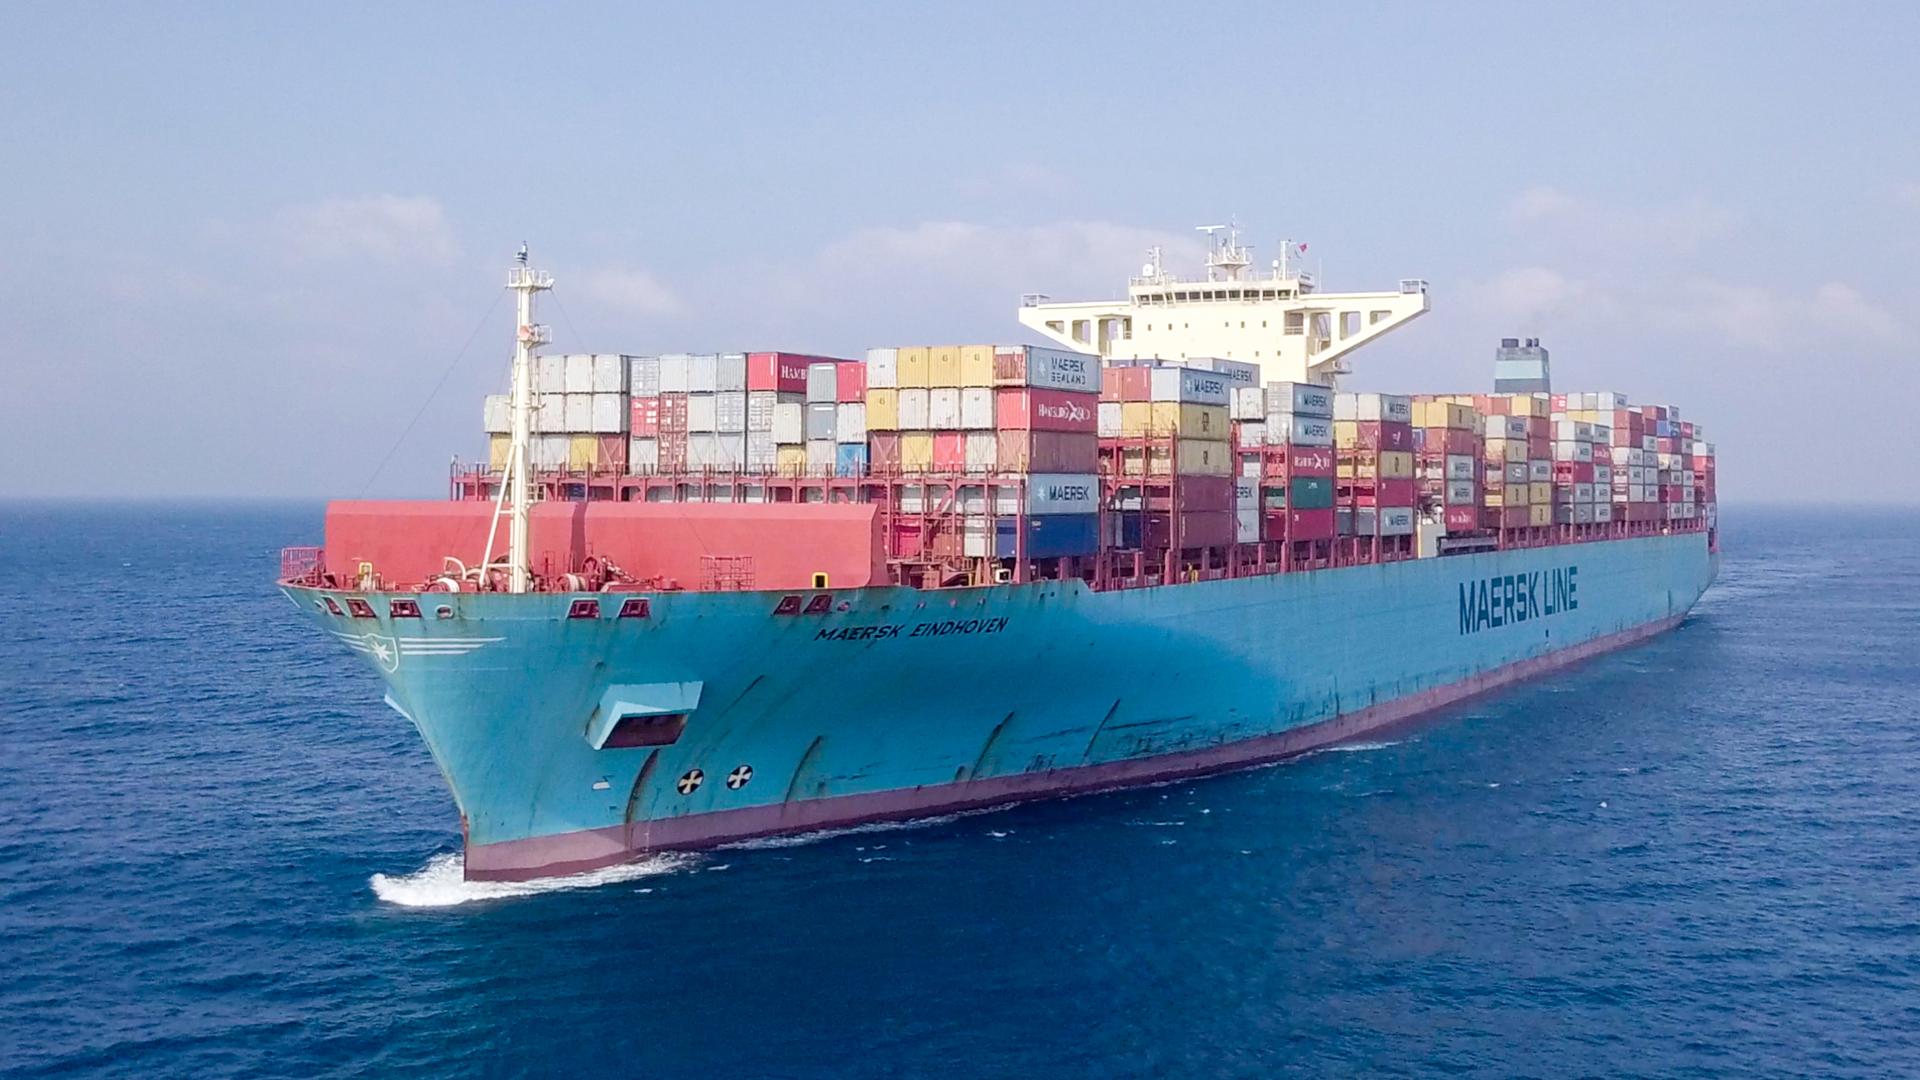 Opnieuw verliest Maersk containers. (Foto Shutterstock)